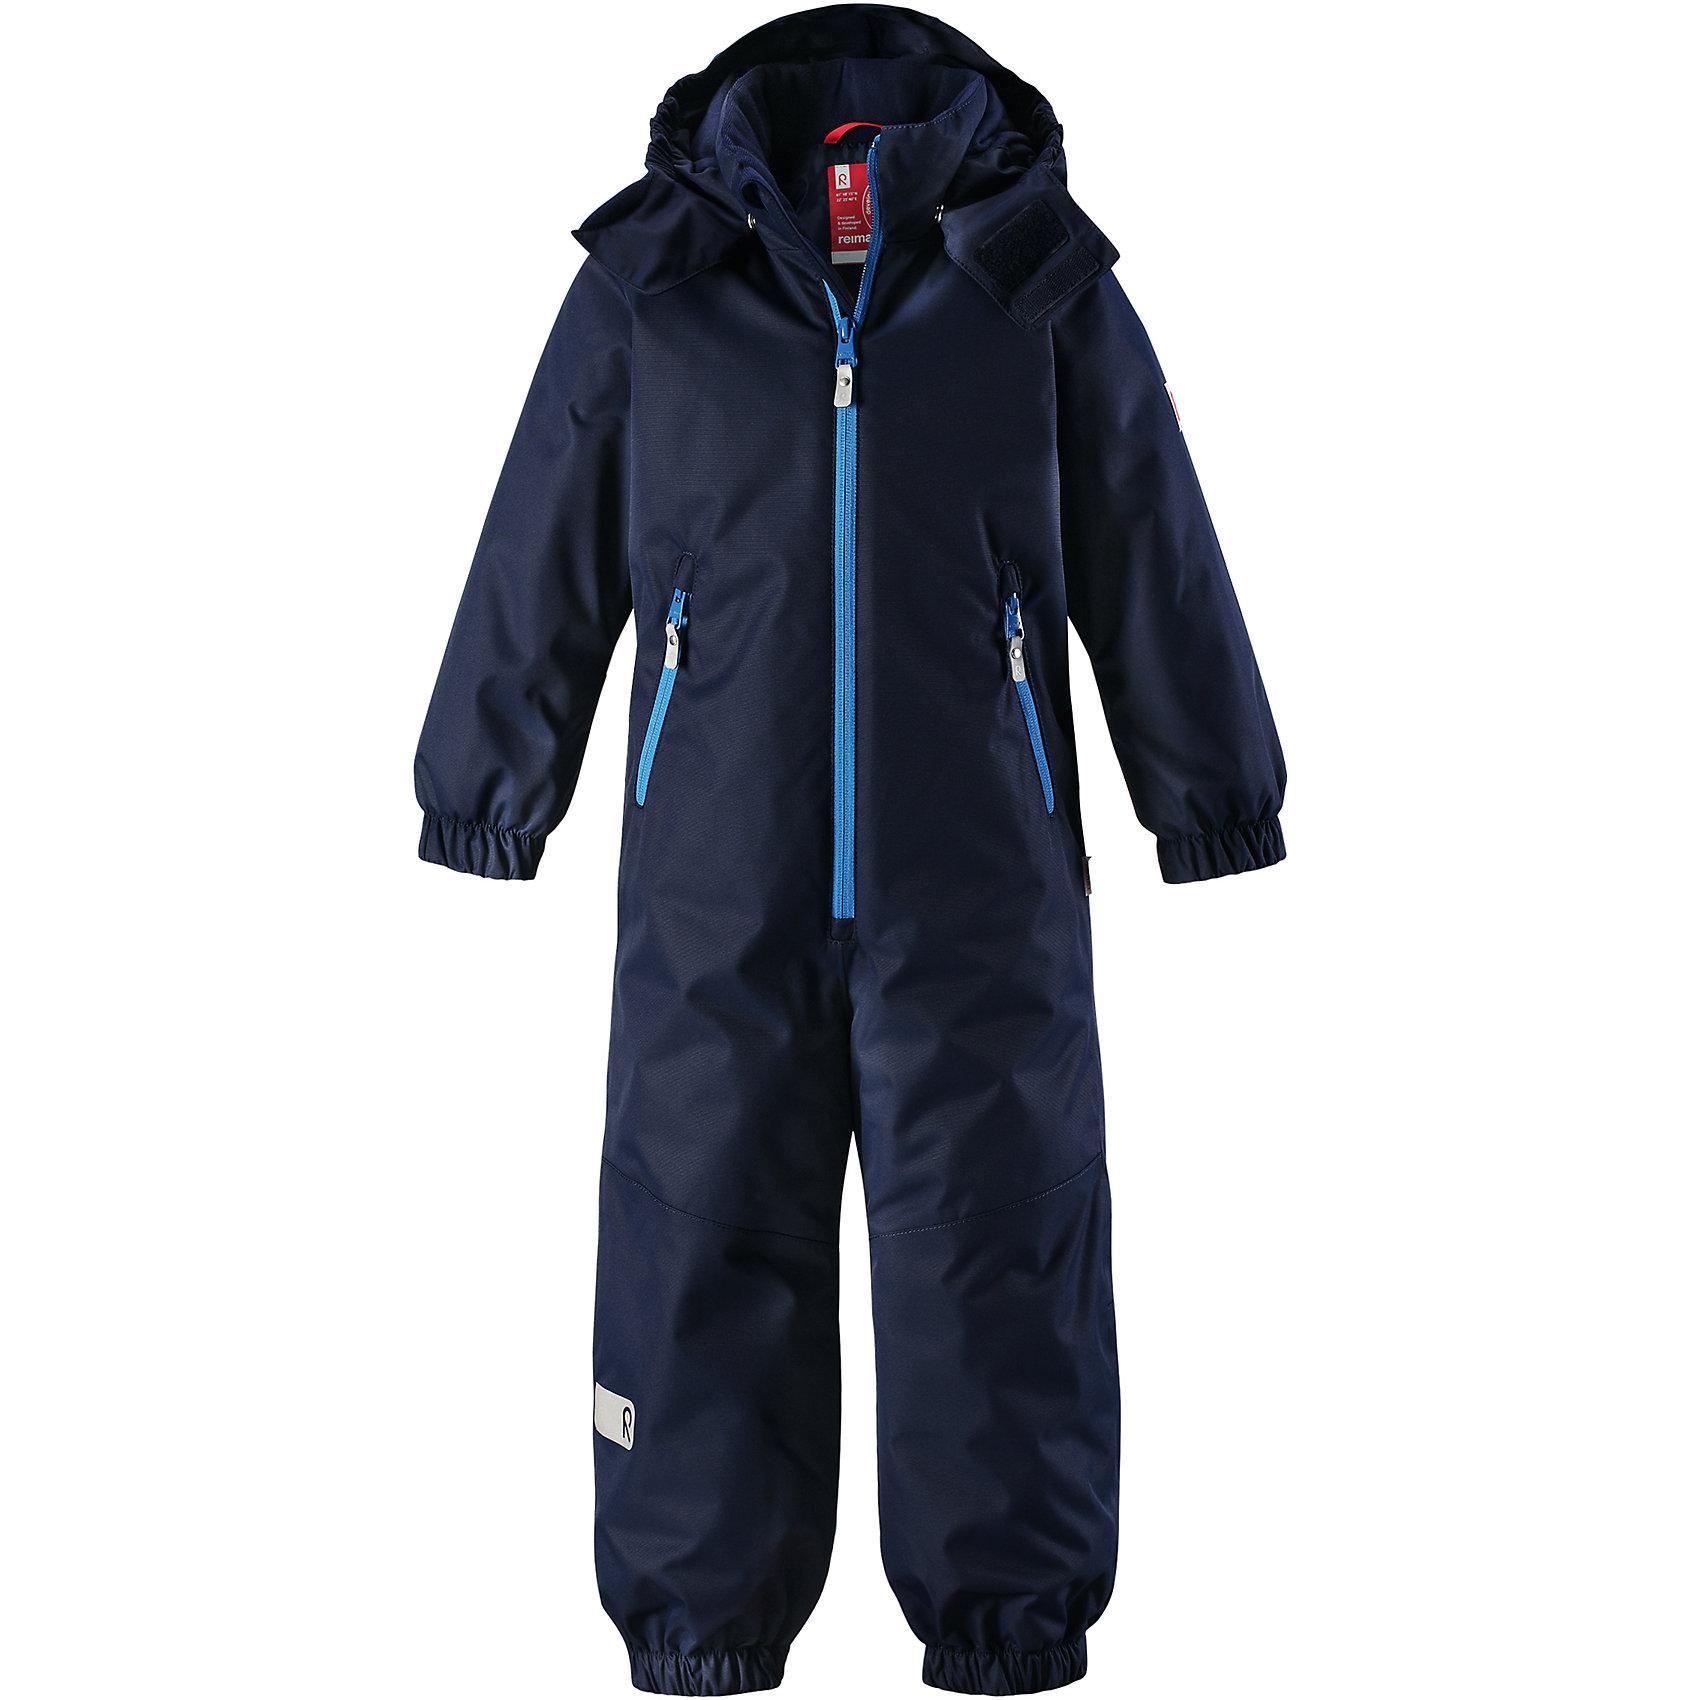 Комбинезон Reima ReissuВерхняя одежда<br>Характеристики товара:<br><br>• цвет: синий;<br>• состав: 100% полиэстер;<br>• подкладка: 100% полиэстер;<br>• утеплитель: 160 г/м2<br>• температурный режим: от 0 до -20С;<br>• сезон: зима; <br>• водонепроницаемость: 5000 мм;<br>• воздухопроницаемость: 5000 мм;<br>• износостойкость: 30000 циклов (тест Мартиндейла);<br>• водо- и ветронепроницаемый, дышащий и грязеотталкивающий материал;<br>• прочные усиленные вставки внизу, на коленях и снизу на ногах;<br>• основные швы проклеены и не пропускают влагу;<br>• гладкая подкладка из полиэстера;<br>• эластичные манжеты;<br>• застежка: молния с защитой подбородка;<br>• безопасный съемный капюшон на кнопках;<br>• внутренняя регулировка обхвата талии;<br>• регулируемая длина брюк с помощью кнопок;<br>• прочные съемные силиконовые штрипки;<br>• два кармана на молнии;<br>• светоотражающие детали;<br>• страна бренда: Финляндия;<br>• страна изготовитель: Китай.<br><br>Непромокаемый и прочный детский зимний комбинезон Reimatec® с проклеенными основными швами. Этот практичный комбинезон изготовлен из ветронепроницаемого и дышащего материала, поэтому вашему ребенку будет тепло и сухо, к тому же он не вспотеет. Комбинезон снабжен гладкой подкладкой из полиэстера. <br><br>В этом комбинезоне прямого кроя талия при необходимости легко регулируется изнутри, что позволяет подогнать комбинезон точно по фигуре. А еще он снабжен эластичными манжетами. Съемный капюшон защищает от пронизывающего ветра, а еще он безопасен во время игр на свежем воздухе. Кнопки легко отстегиваются, если капюшон случайно за что-нибудь зацепится. Этот практичный комбинезон снабжен съемными штрипками и двумя карманами на молнии. Светоотражающие детали довершают образ.<br><br>Комбинезон Reissu Reima от финского бренда Reima (Рейма) можно купить в нашем интернет-магазине.<br><br>Ширина мм: 356<br>Глубина мм: 10<br>Высота мм: 245<br>Вес г: 519<br>Цвет: синий<br>Возраст от месяцев: 108<br>Возраст до месяцев: 120<br>Пол: Унисекс<